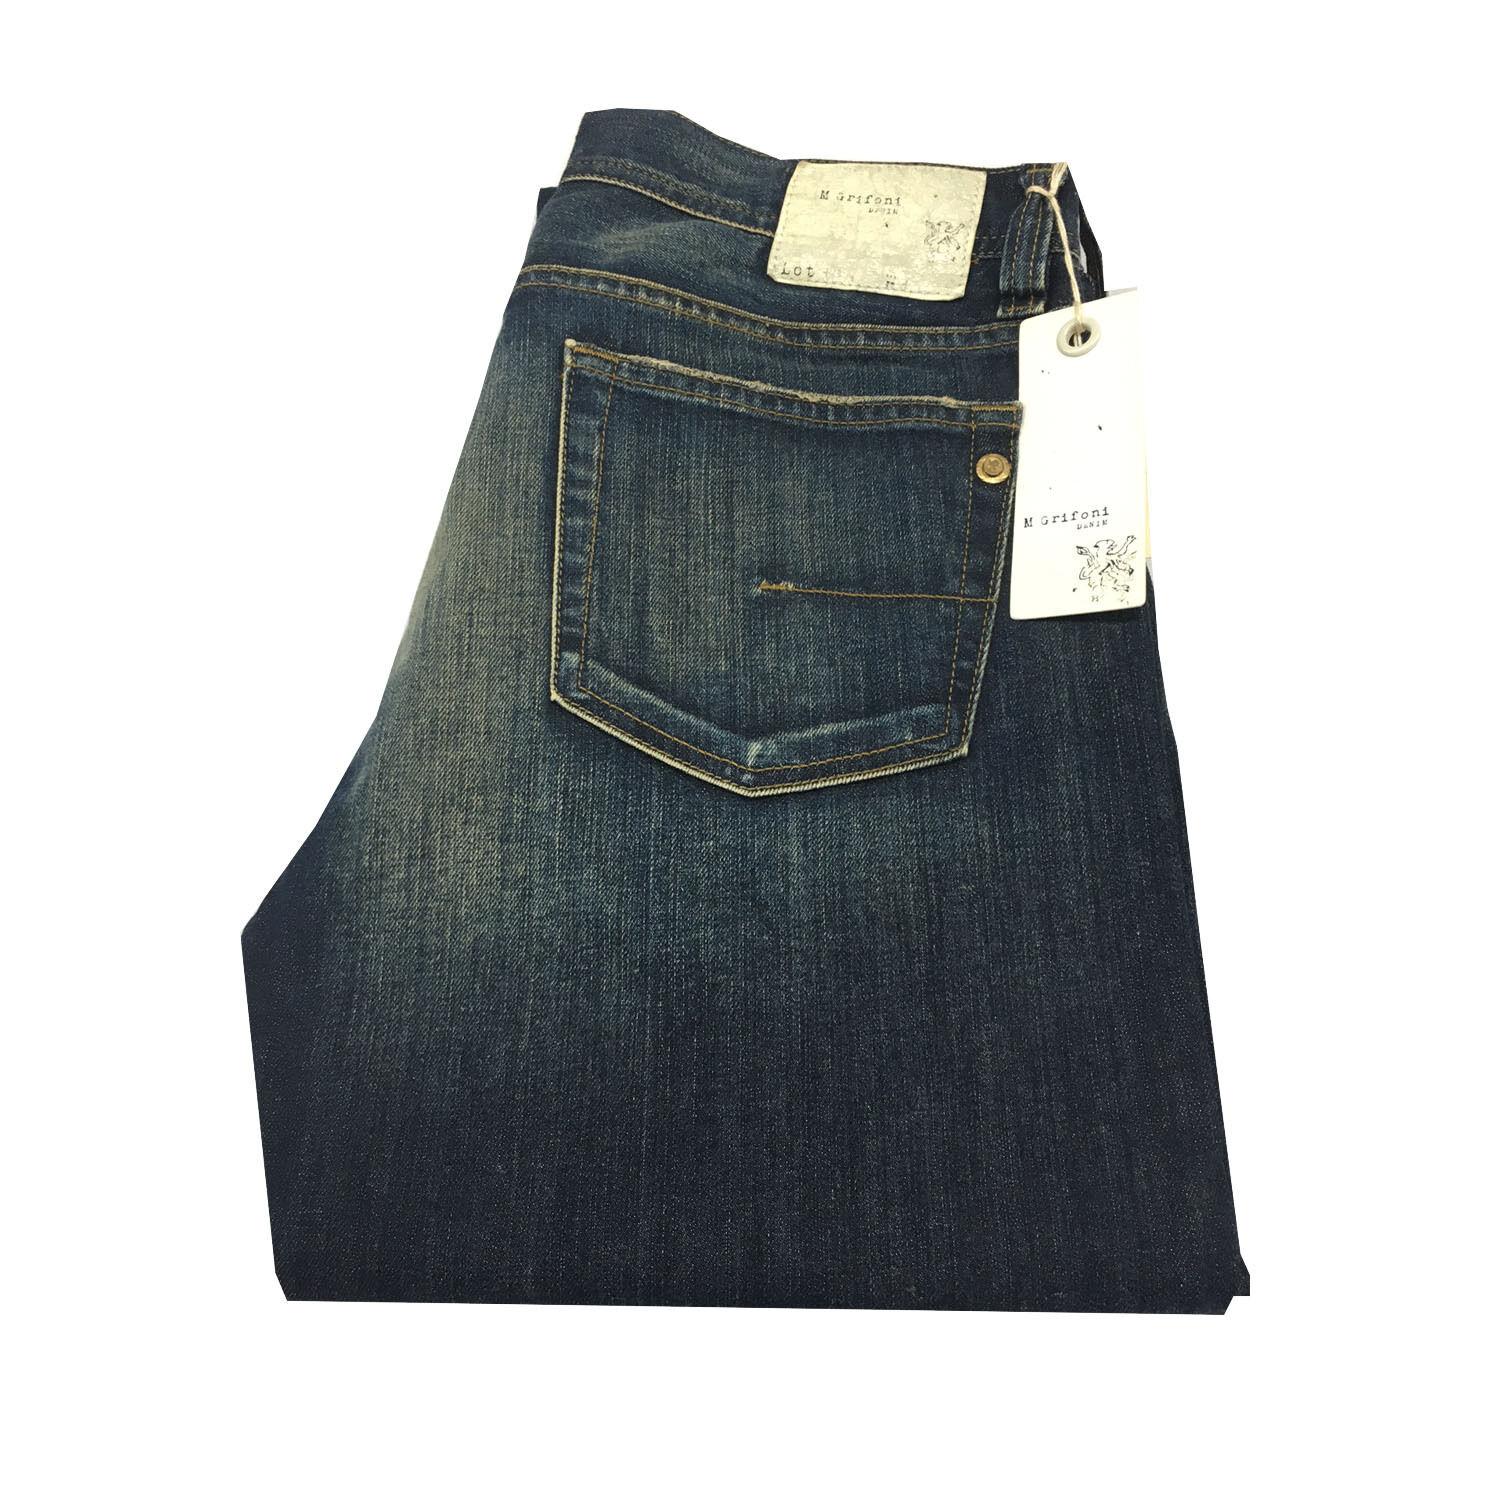 MAURO GRIFONI DENIM jeans uomo modello GORKY 98 % cotone 2 % elastan MADE IN ITA